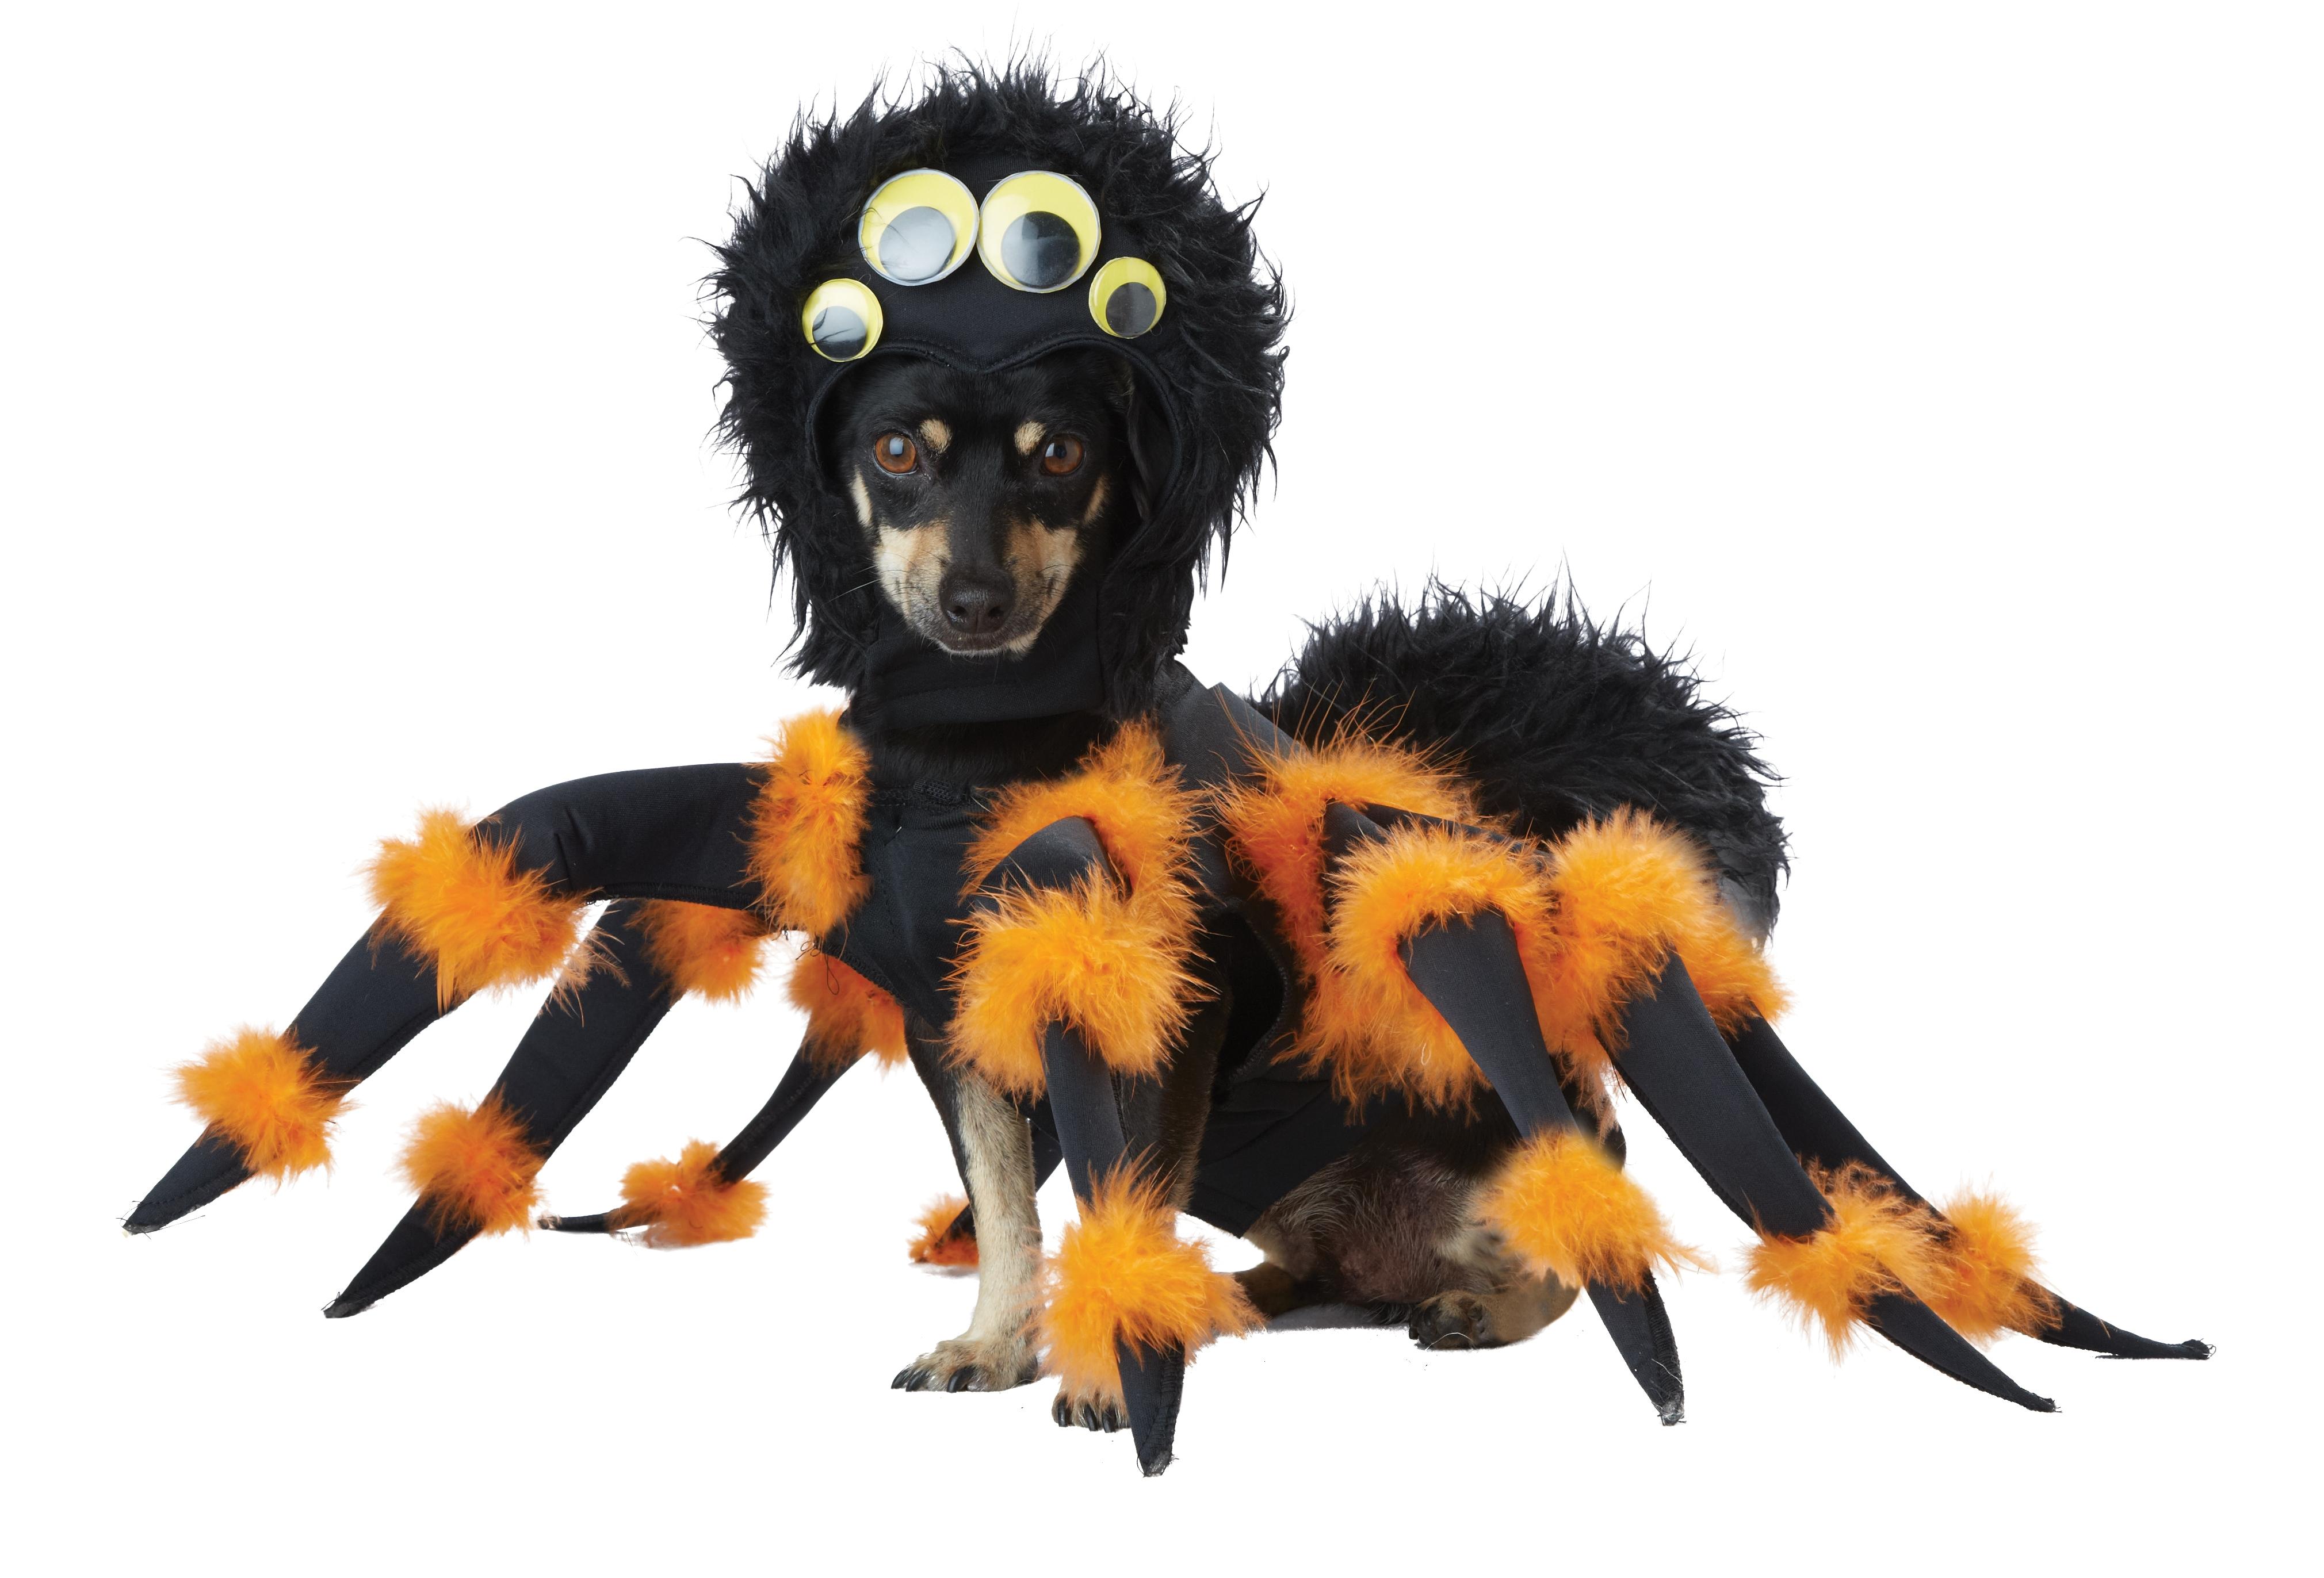 Костюм паука для собаки (Такса Миниатюрная) - Животные и зверушки